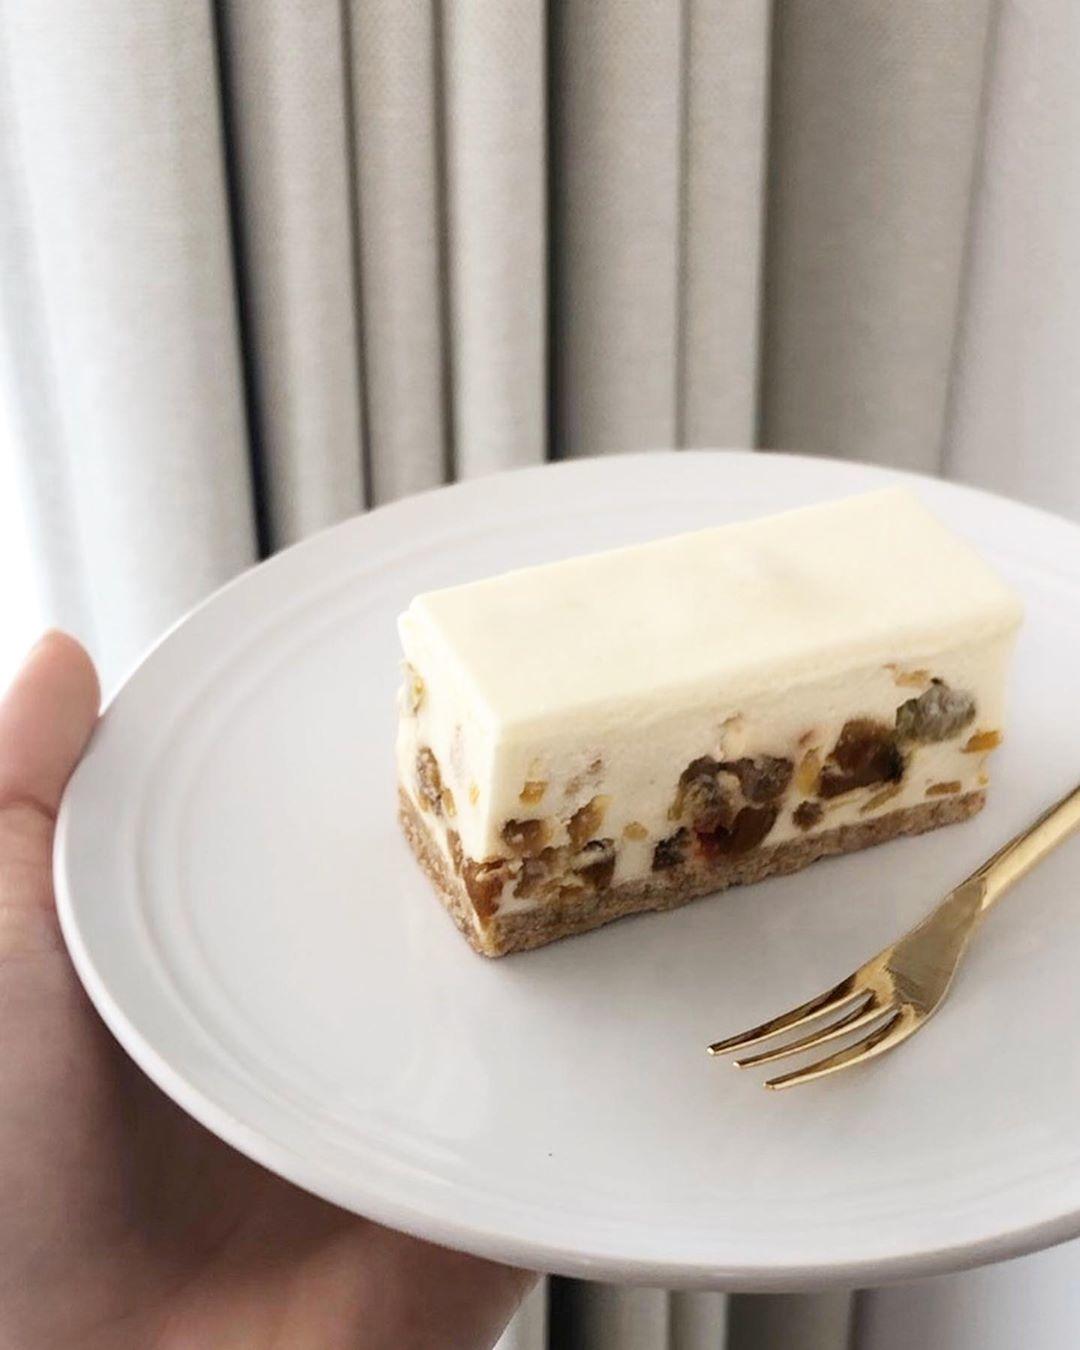 ドライフルーツのレアチーズ | コガネイチーズケーキ